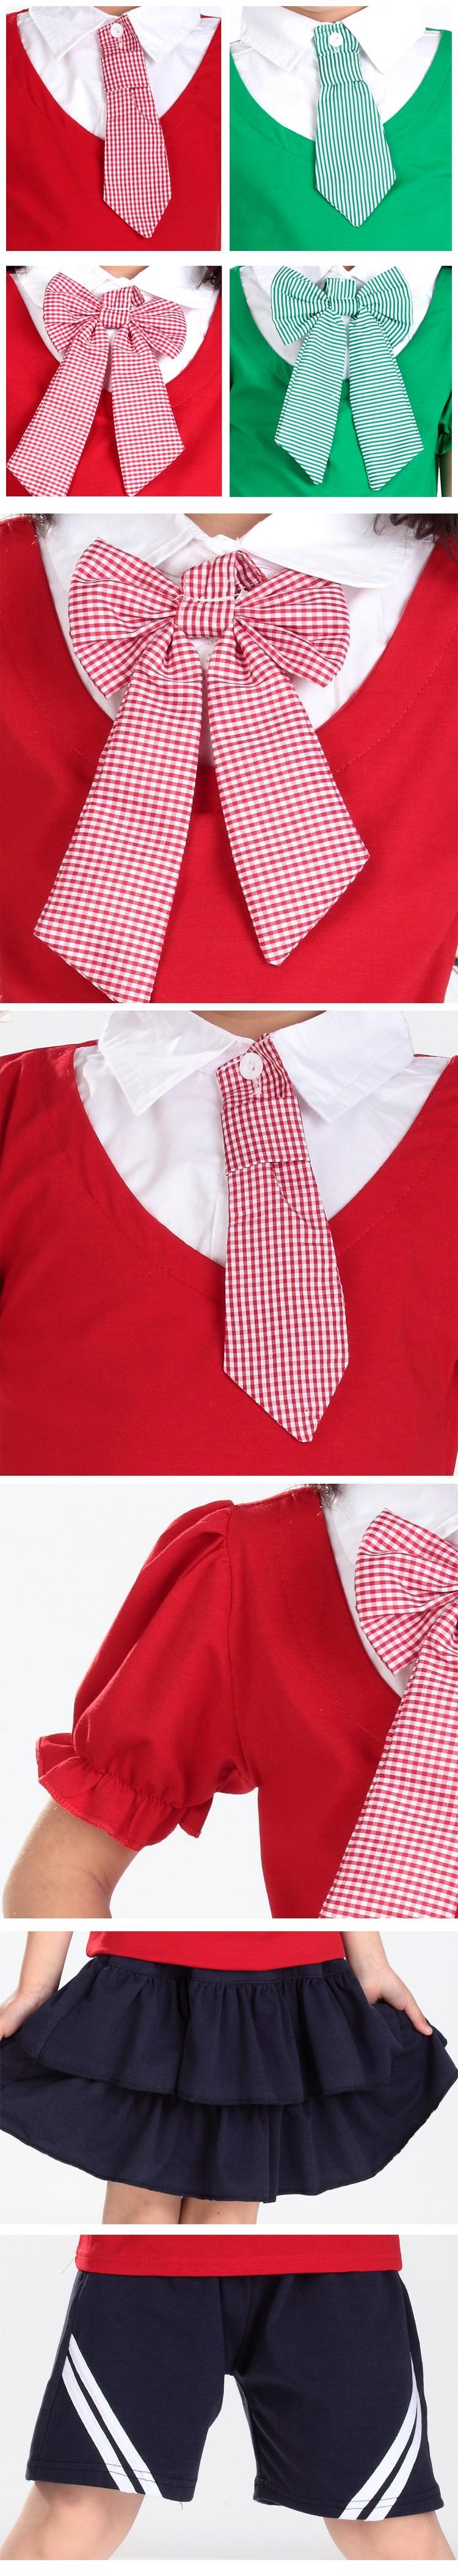 Các chi tiết mẫu đồng phục học sinh tiểu học - Đồng phục Mantis